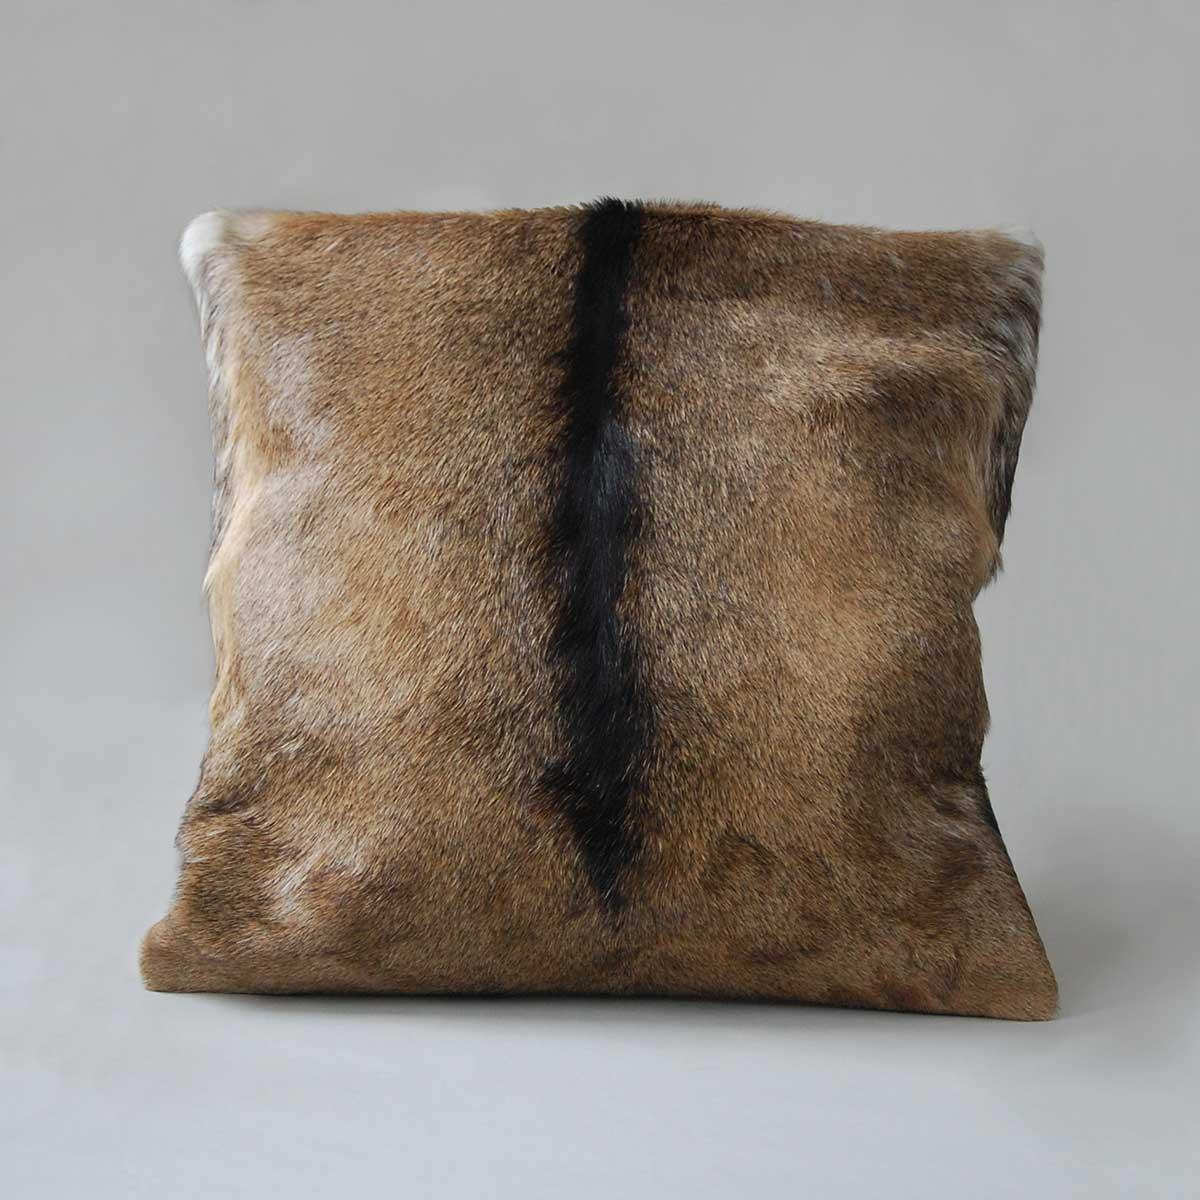 Pillow-tan-02-1200x1200